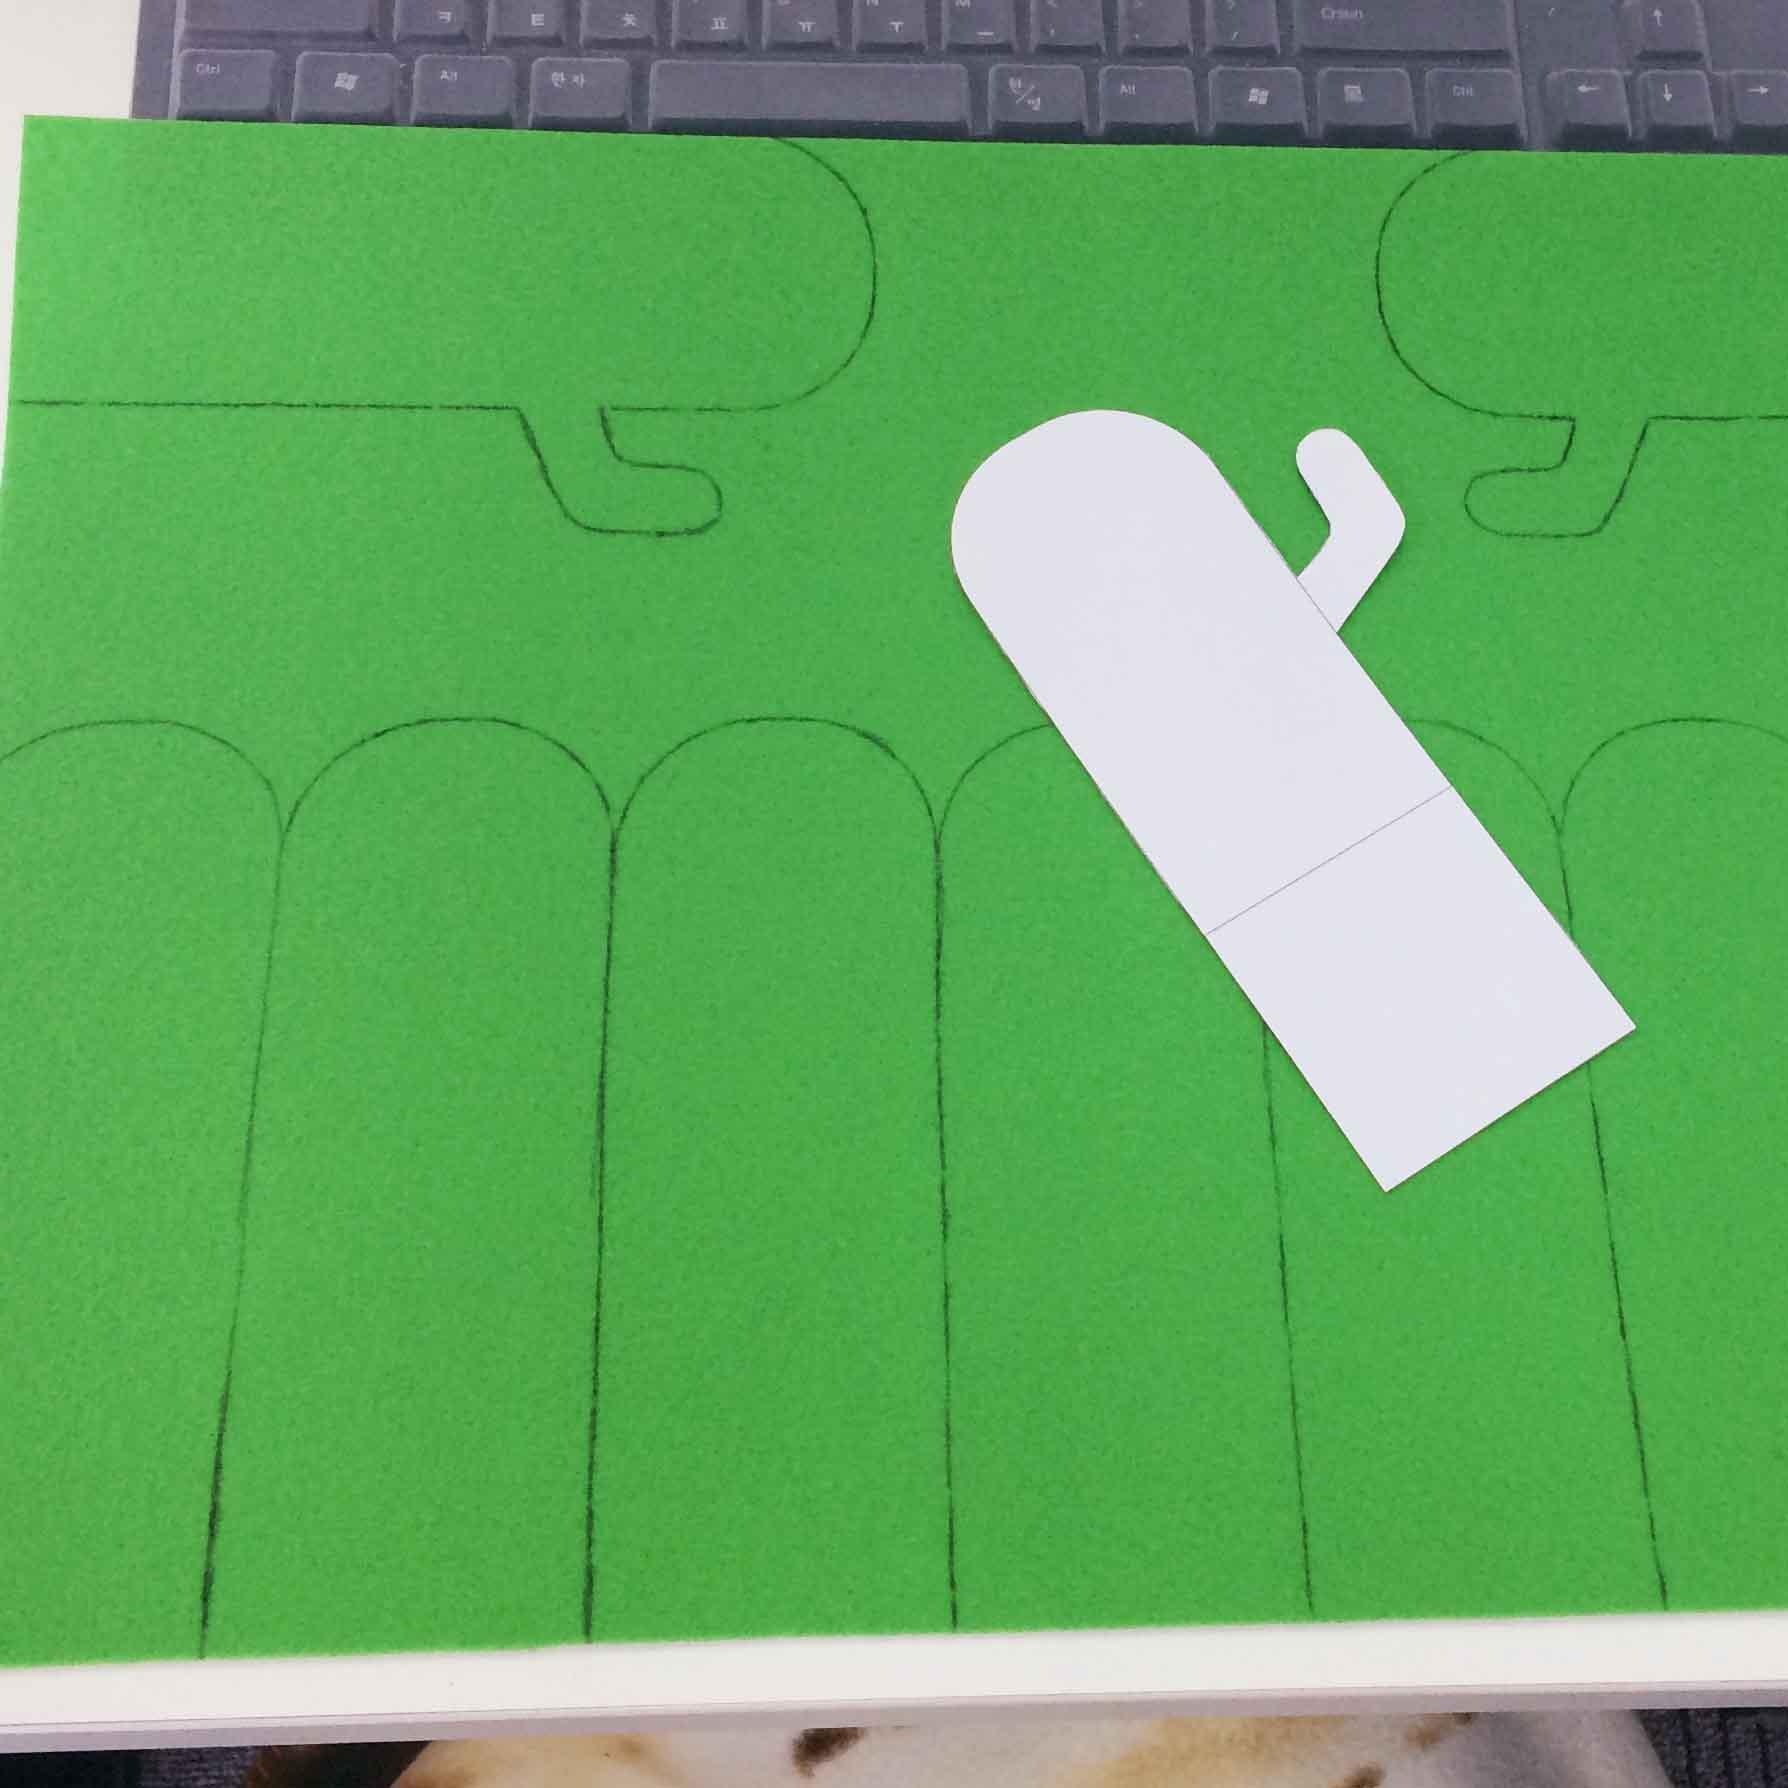 1. 在毛氈布上按照圖案的模樣畫出仙人掌! 仙人掌的身體6個、左右手各1隻...一共需要畫8個